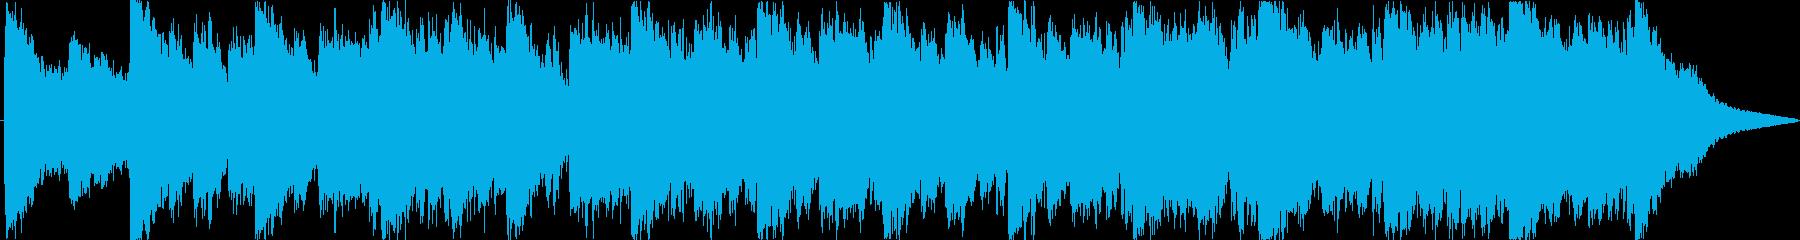 妖しいホラーの再生済みの波形